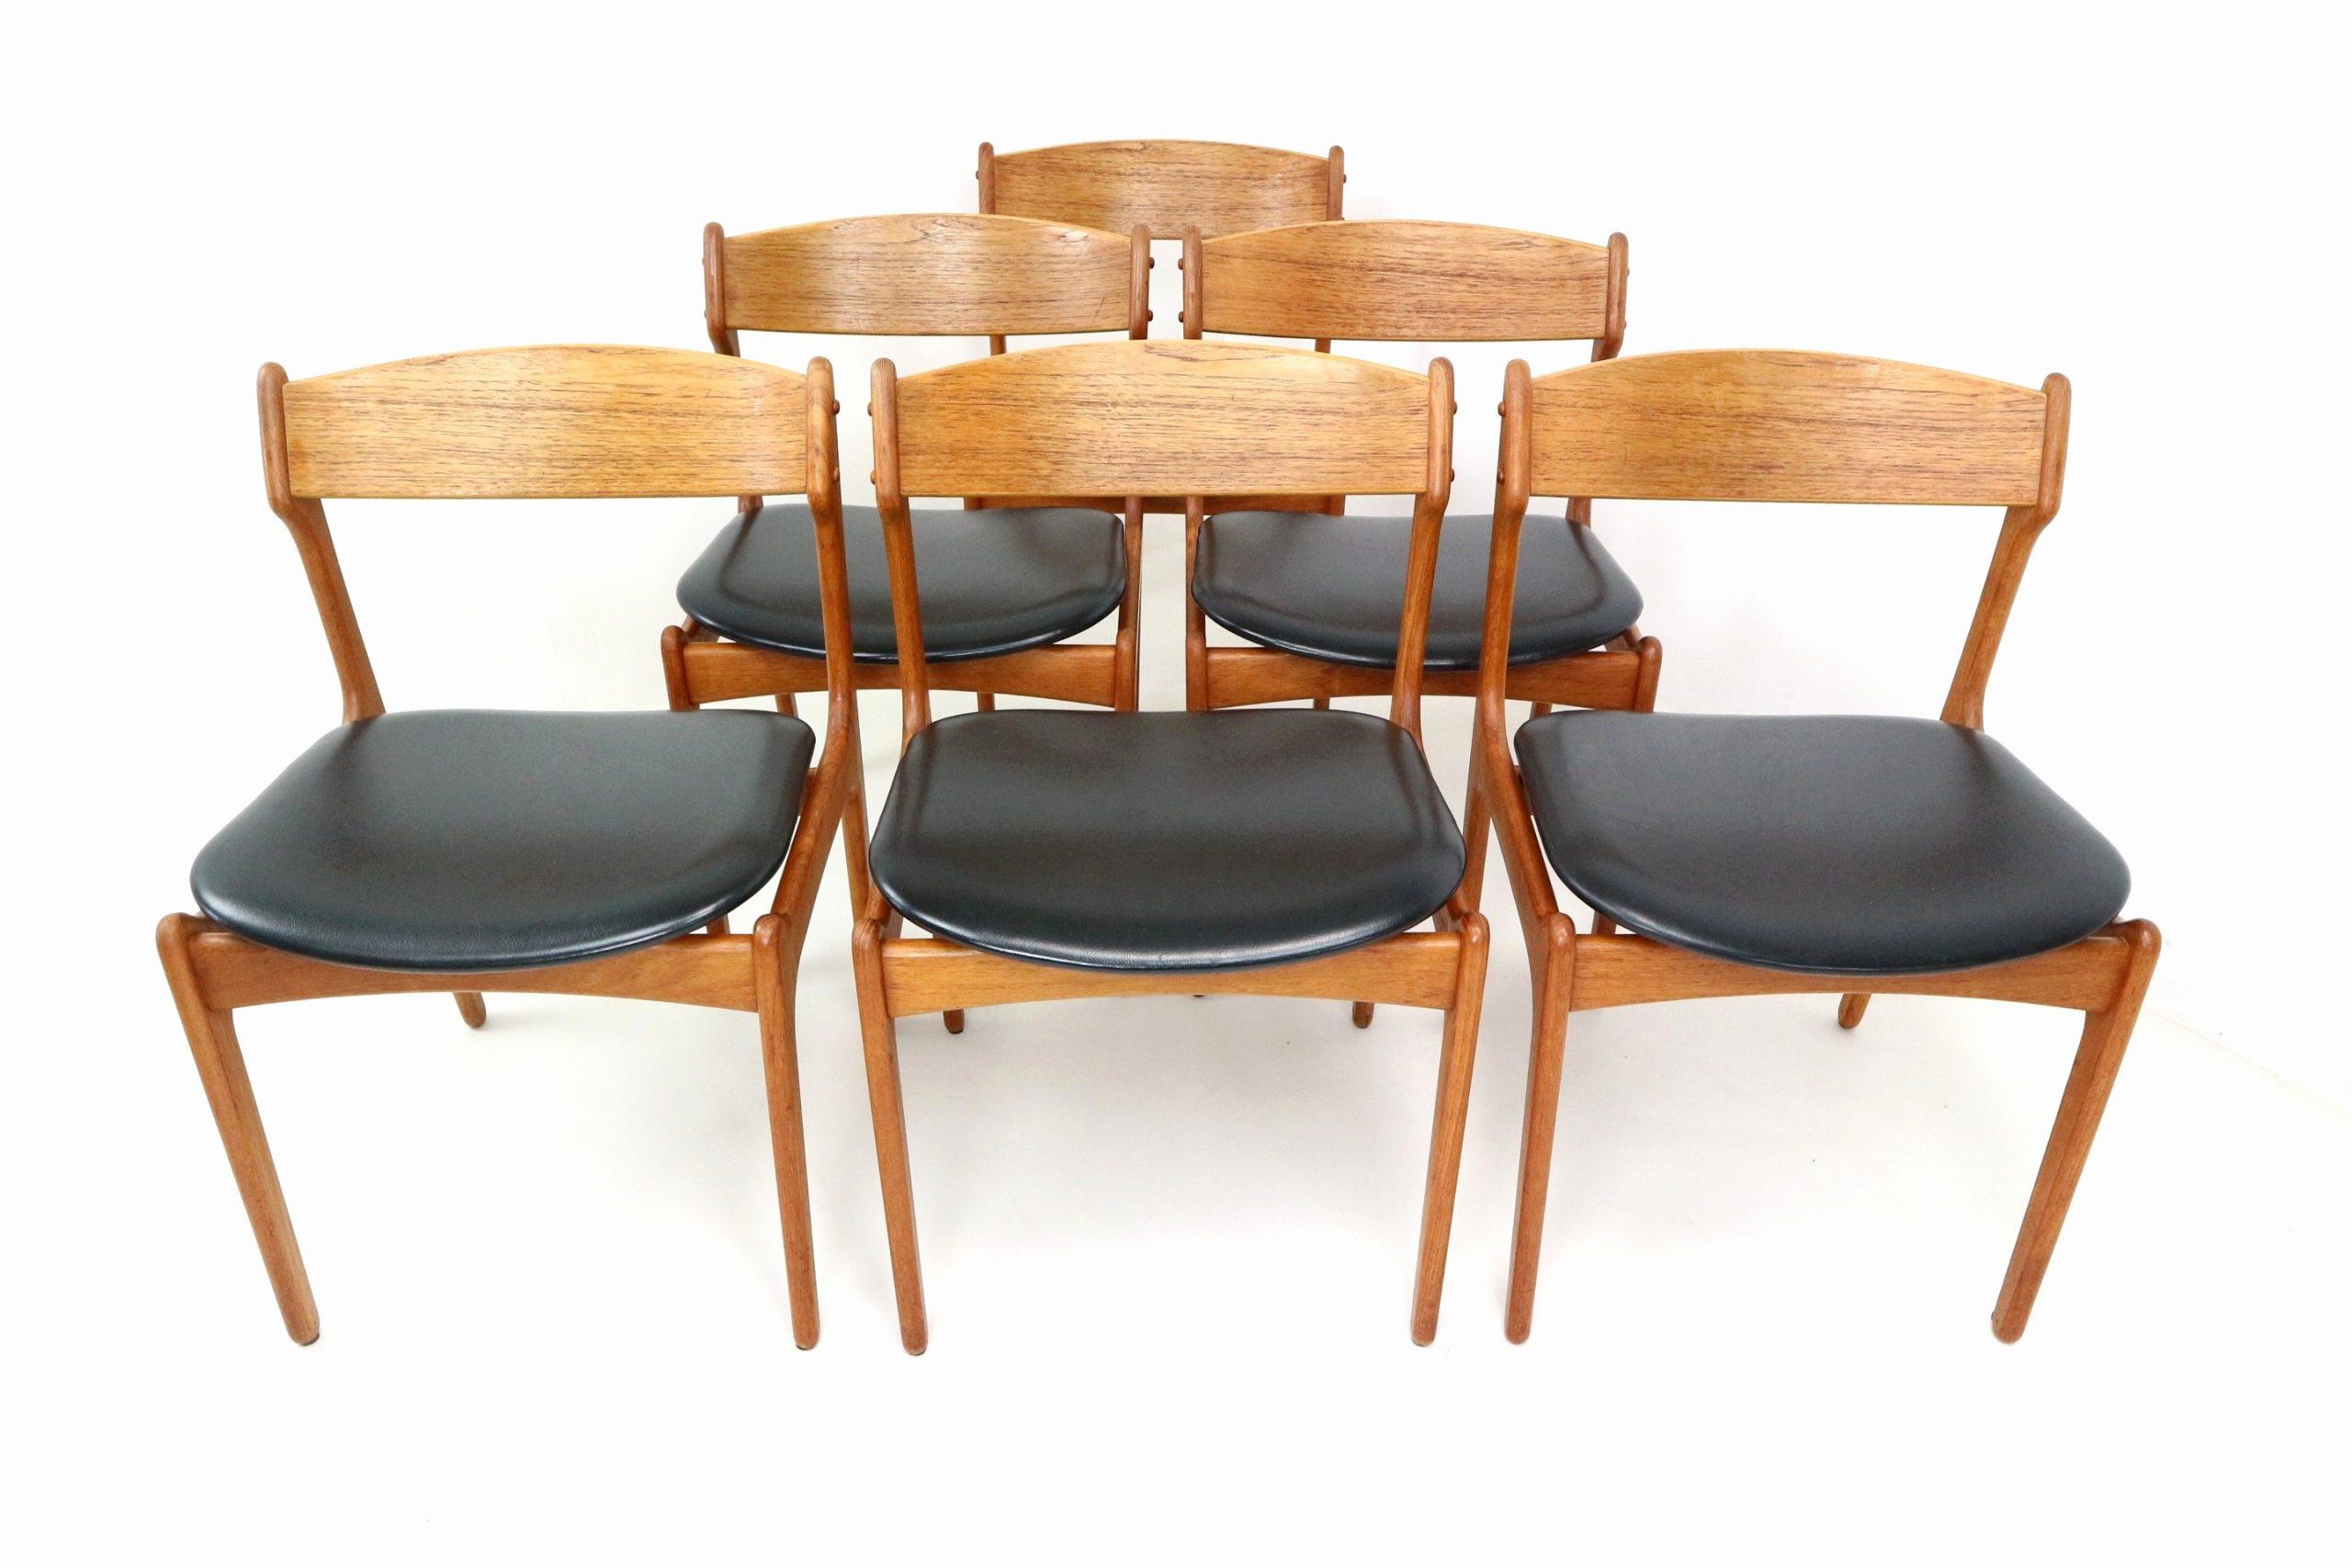 Table Pliante Nouveau De Carrefour Spuvqzm Chaise Jardin ... intérieur Table De Jardin Pliante Carrefour